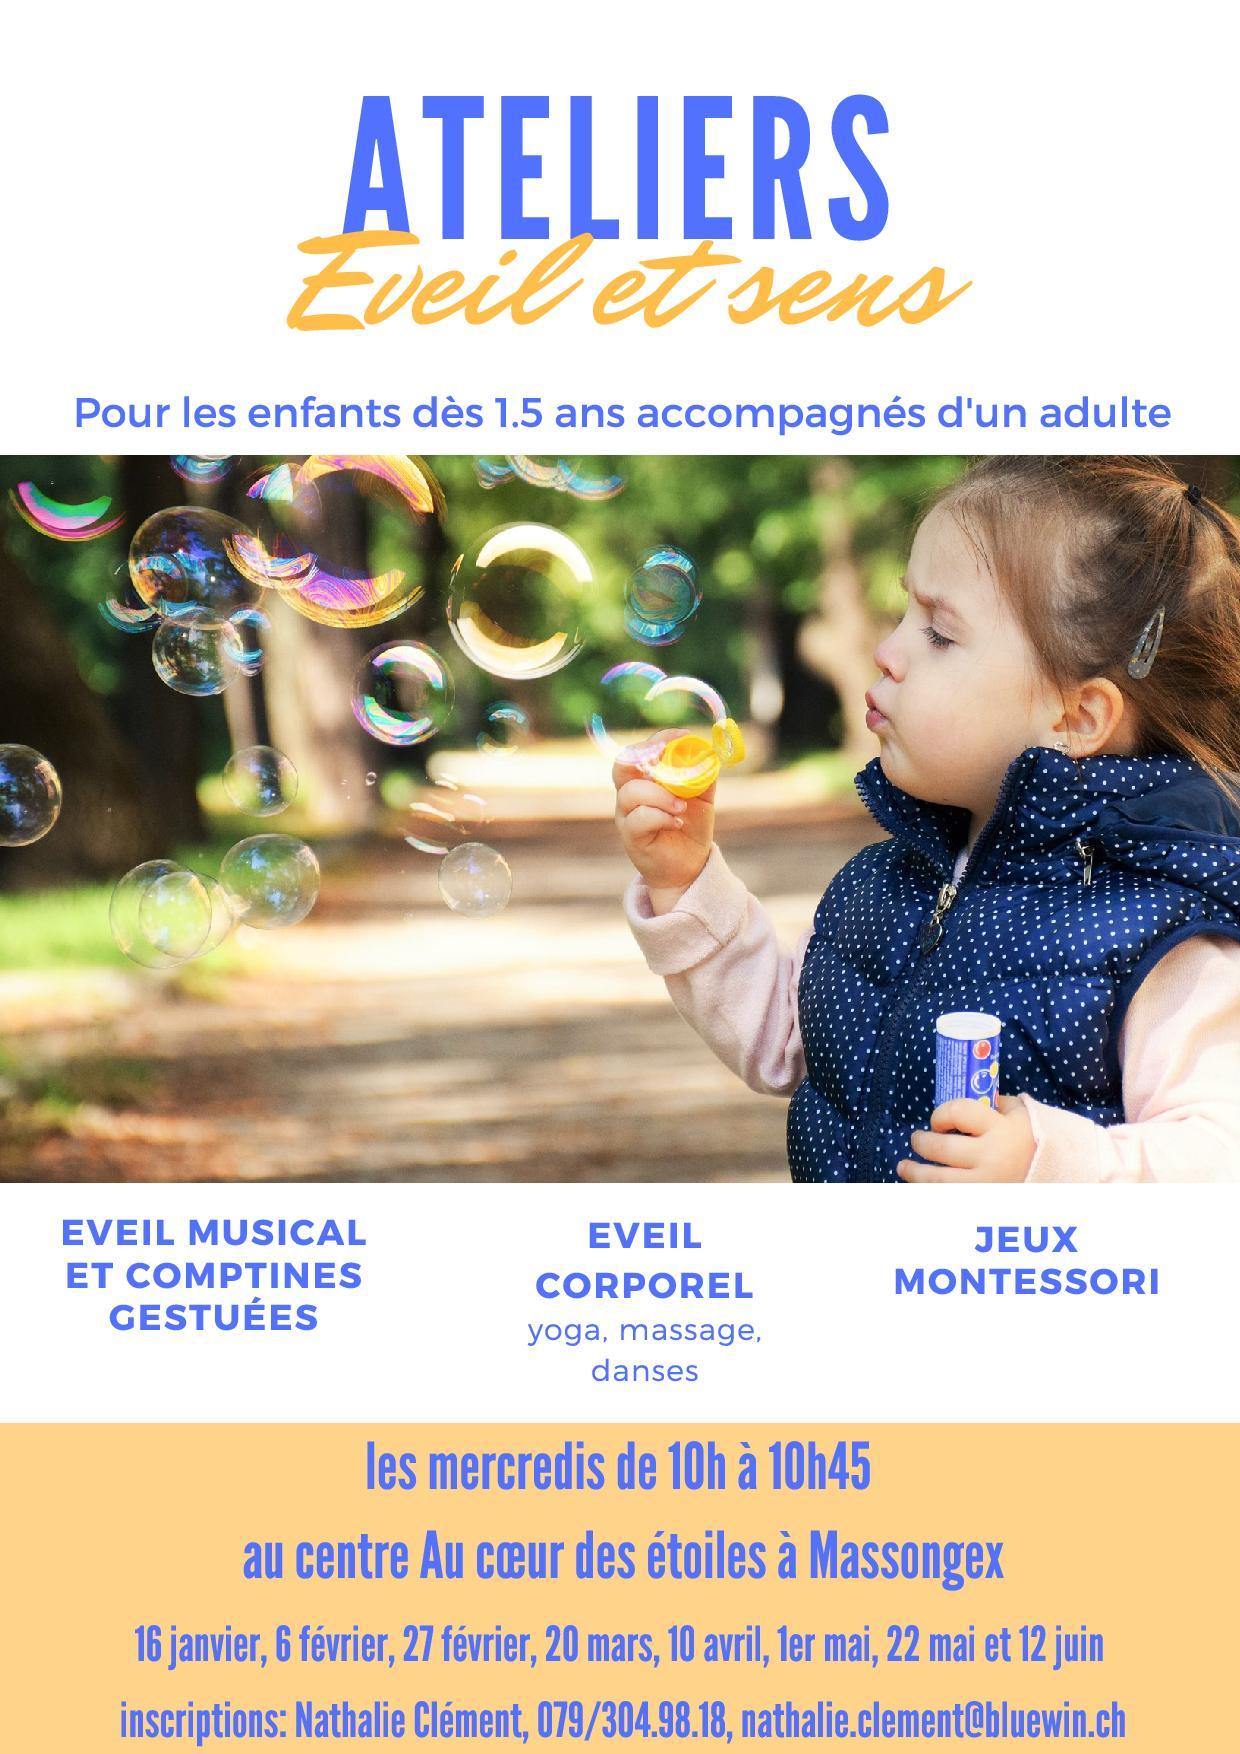 atelier pour enfant, éveil, montessori, chablais, massongex, bien-être, thérapeute pour enfant, Nathalie Clément